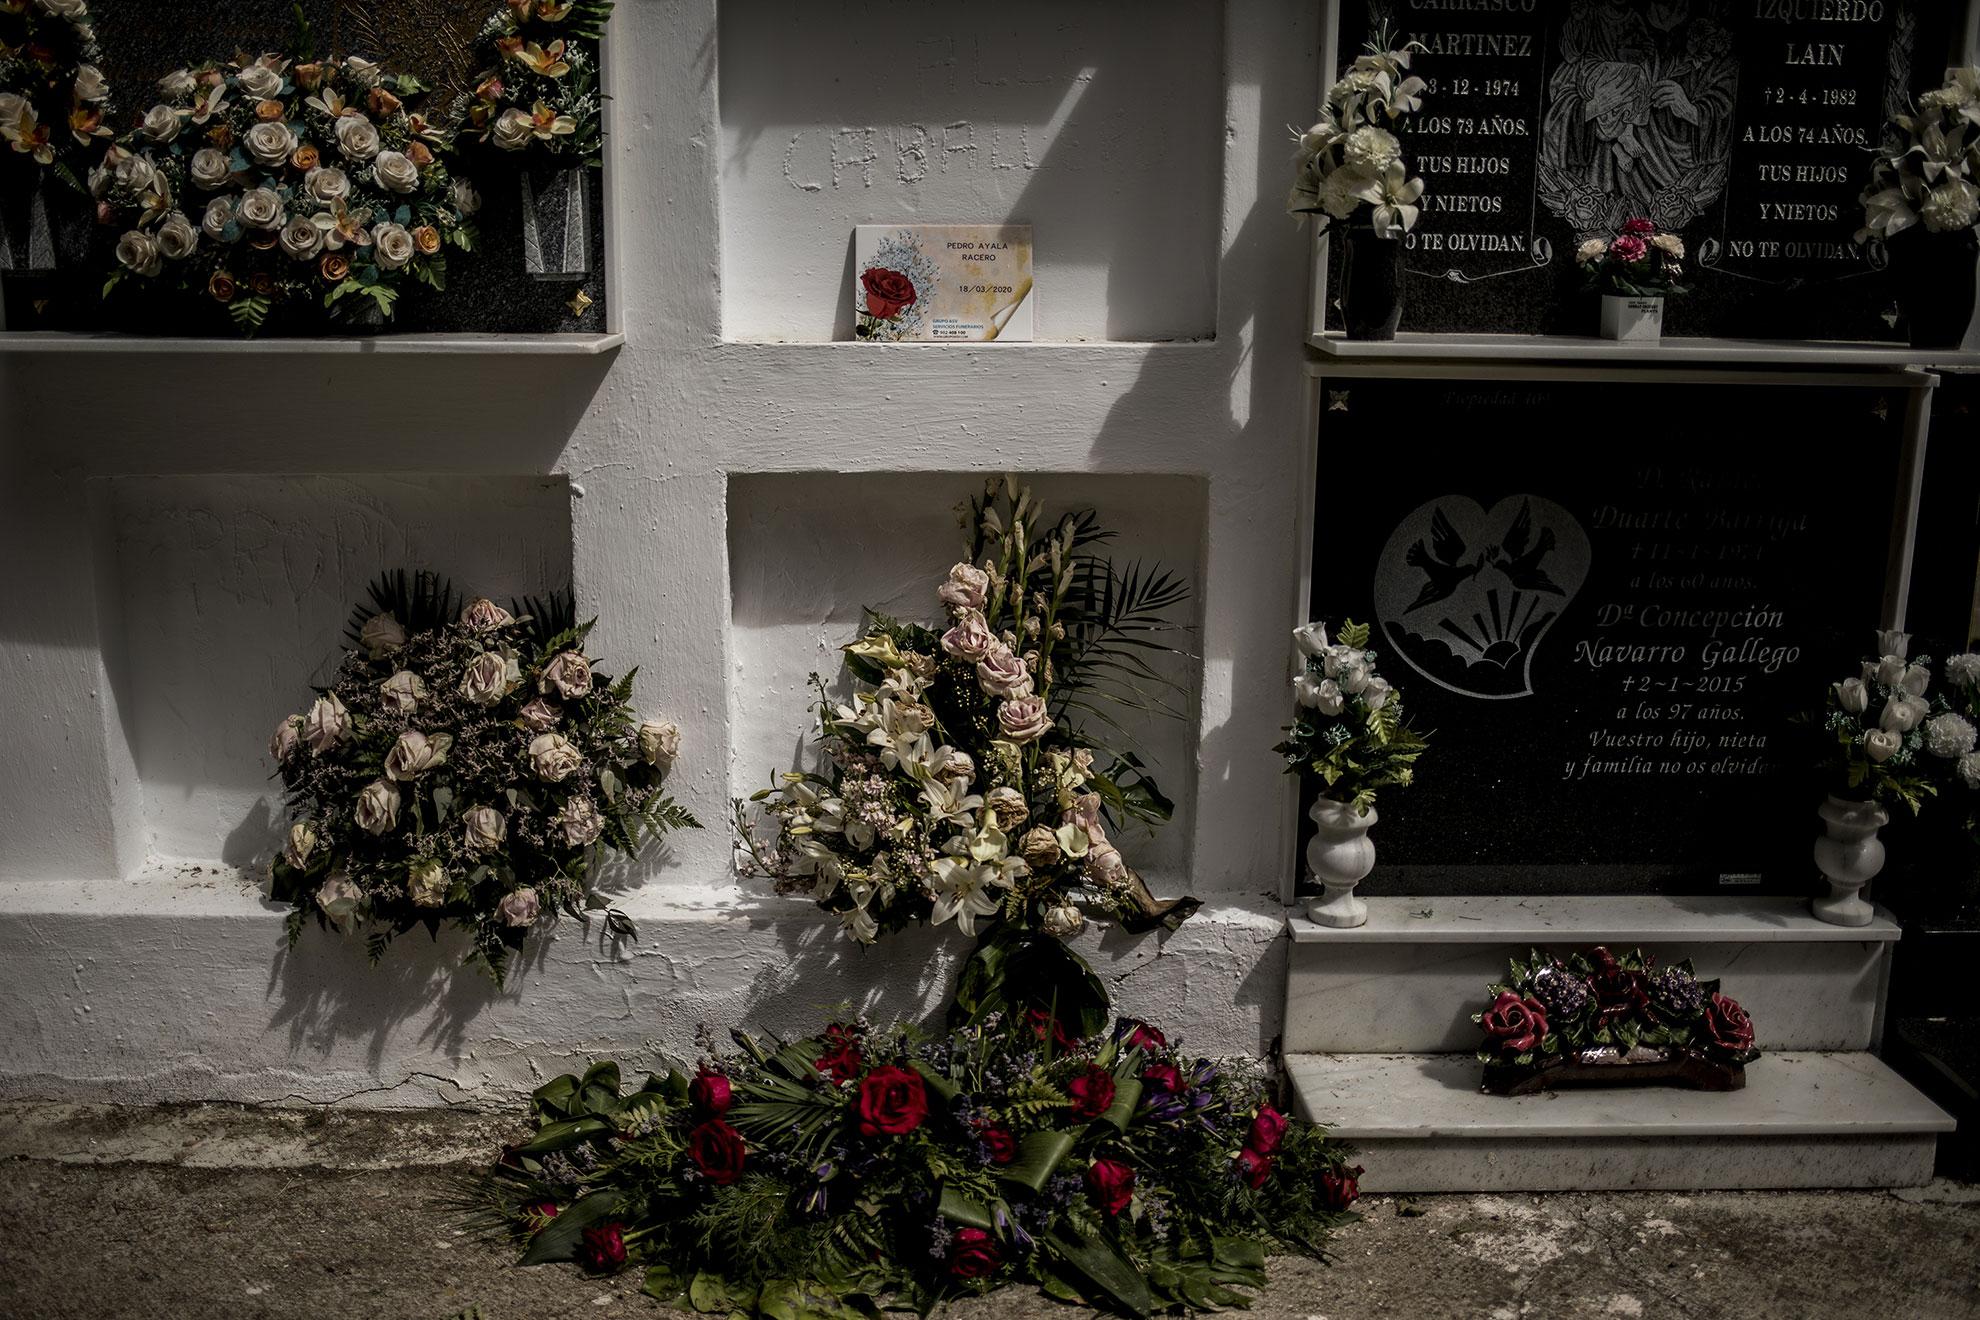 Ramos de flores languidecen junto al nicho de un fallecido en el cementerio de Alcalá del Valle, donde un contagio masivo en la residencia de ancianos se cobró la vida de seis personas y otras 58 fueron contagiadas por COVID-19. En el pueblo se suceden las protestas para que la administración realice tests a los vecinos, que viven atemorizados.